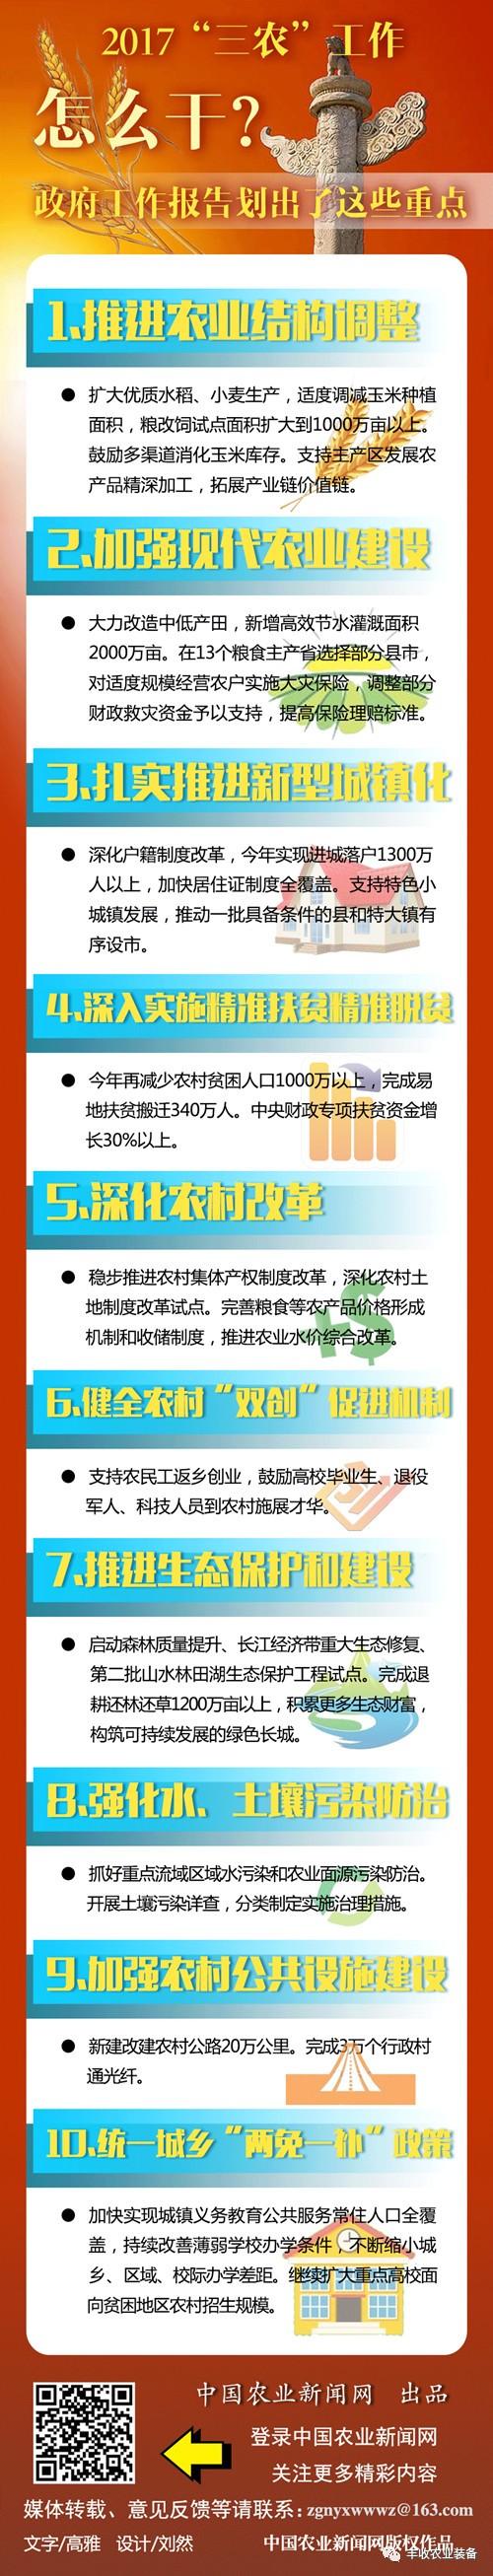 """【图解】2017""""三农""""工作怎么干?政府工作报告划出这些重点"""